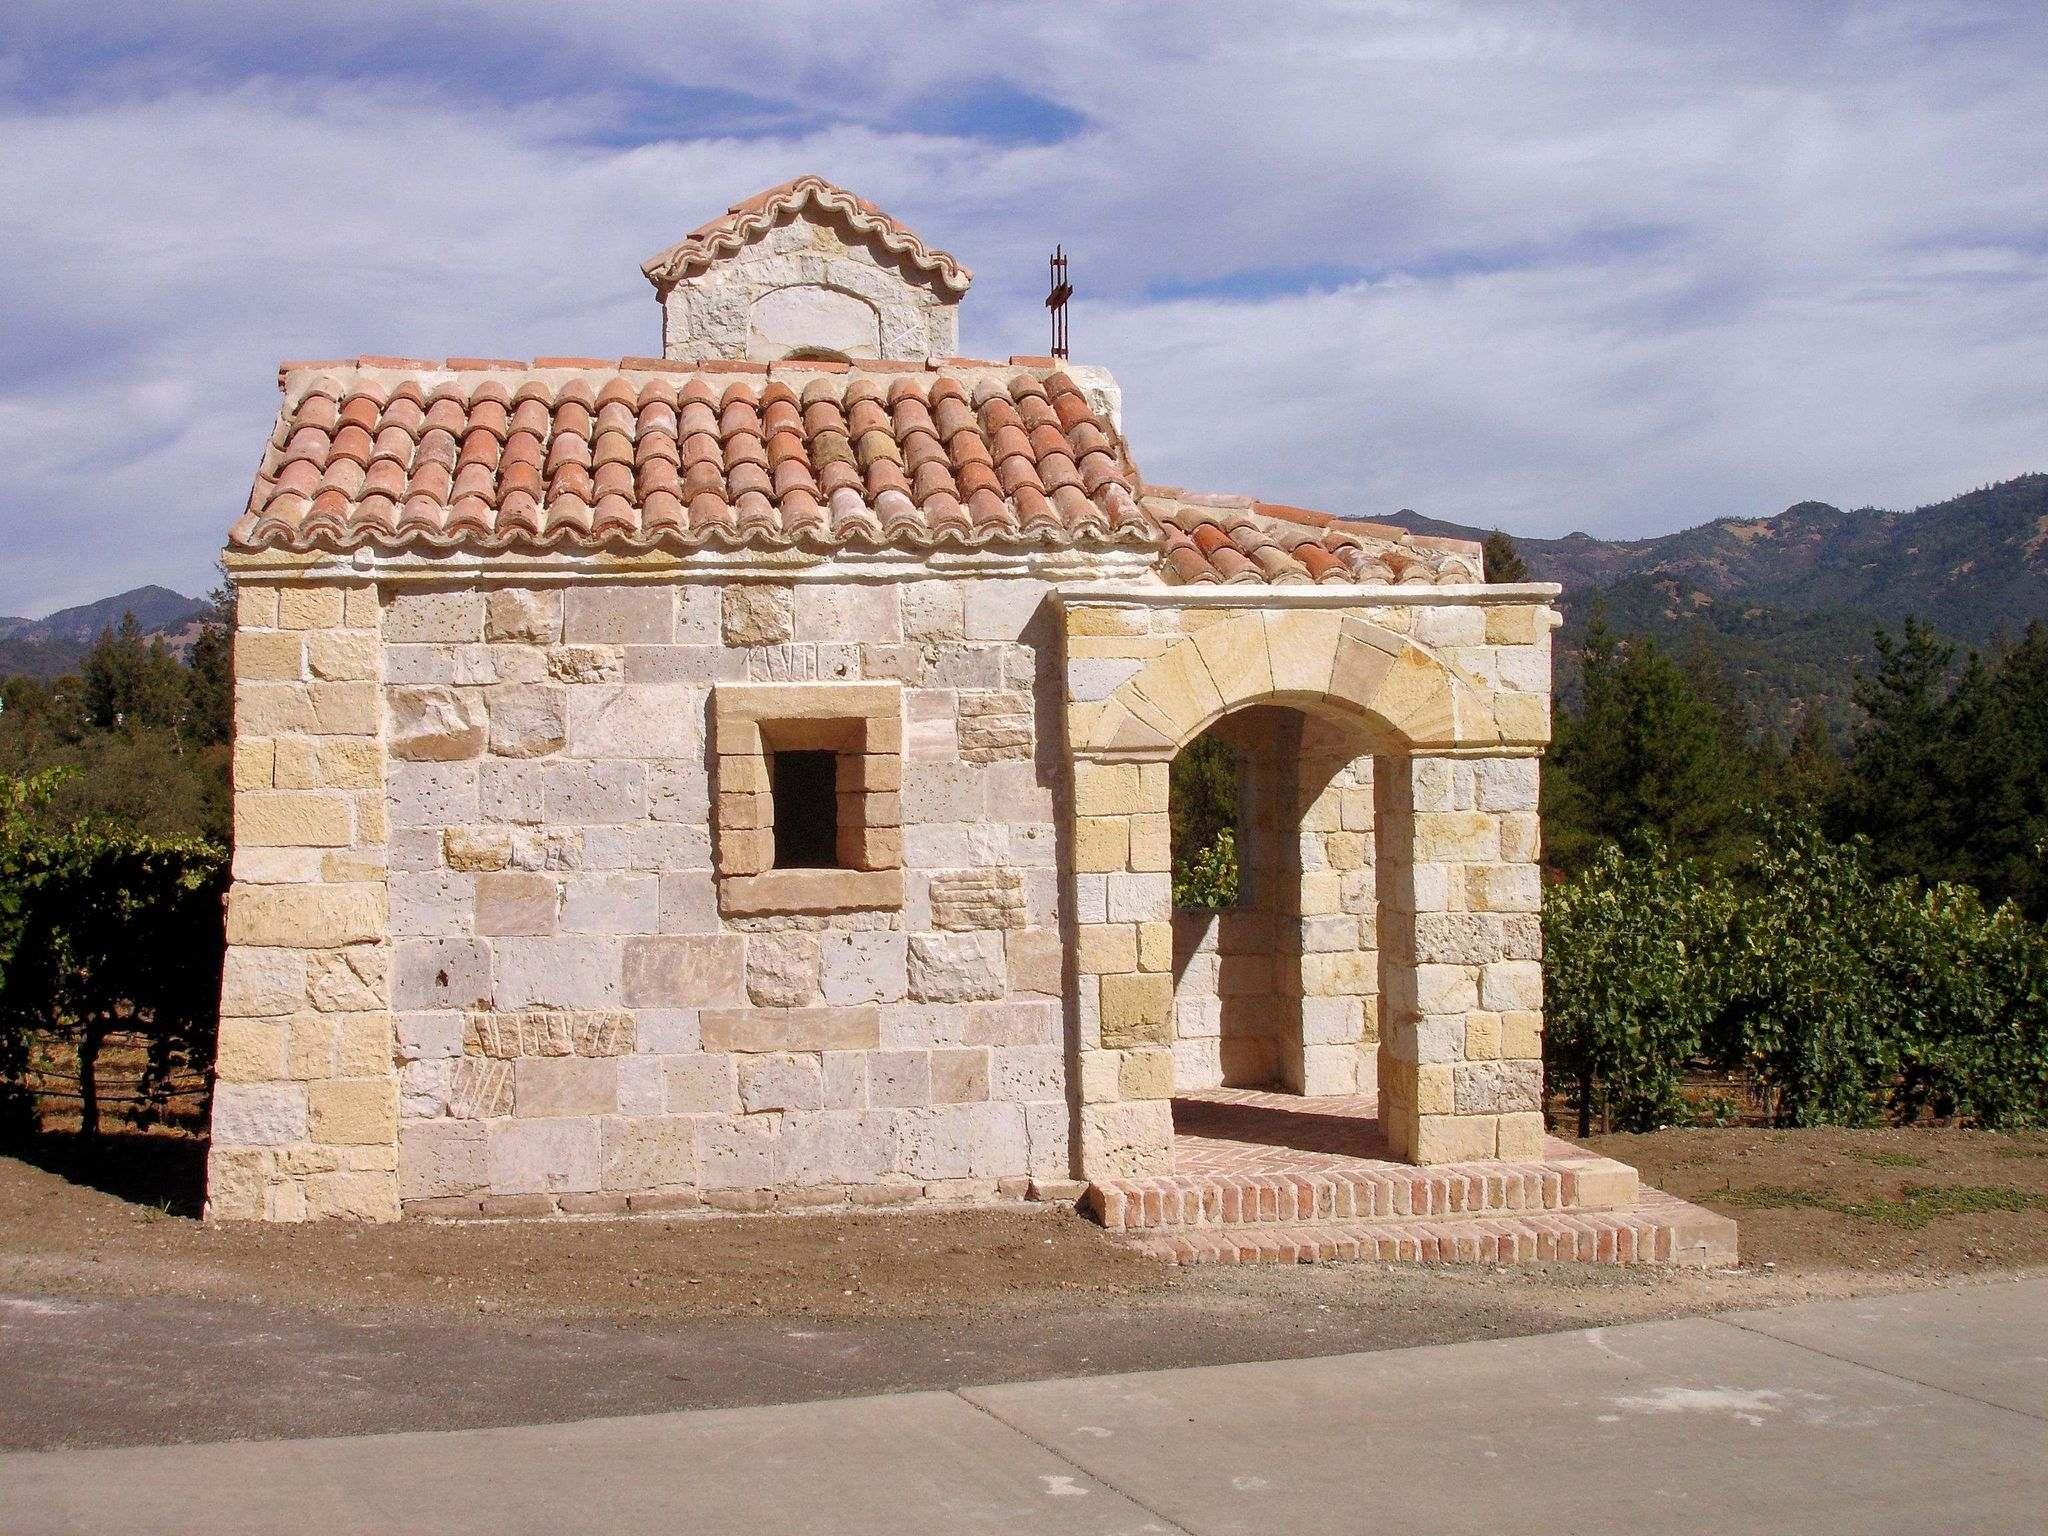 castello di amorosa4 Castello di Amorosa Winery in Napa Valley, California